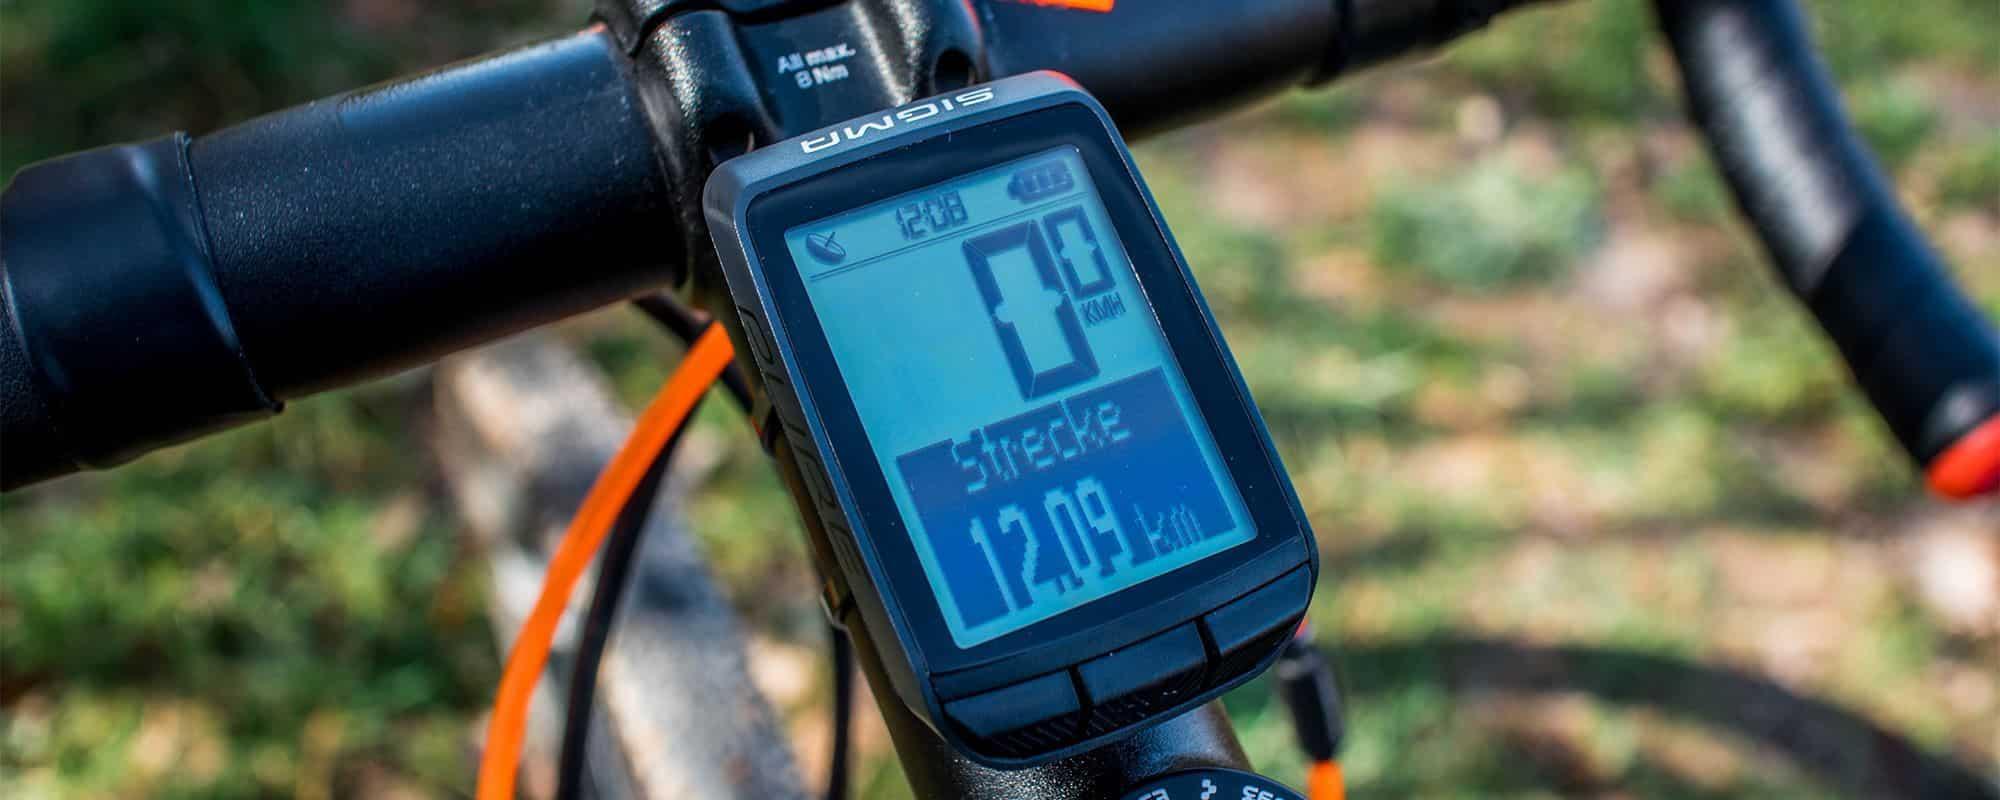 Sigma Pure GPS Test - Was kann der kleine GPS Fahrradcomputer?